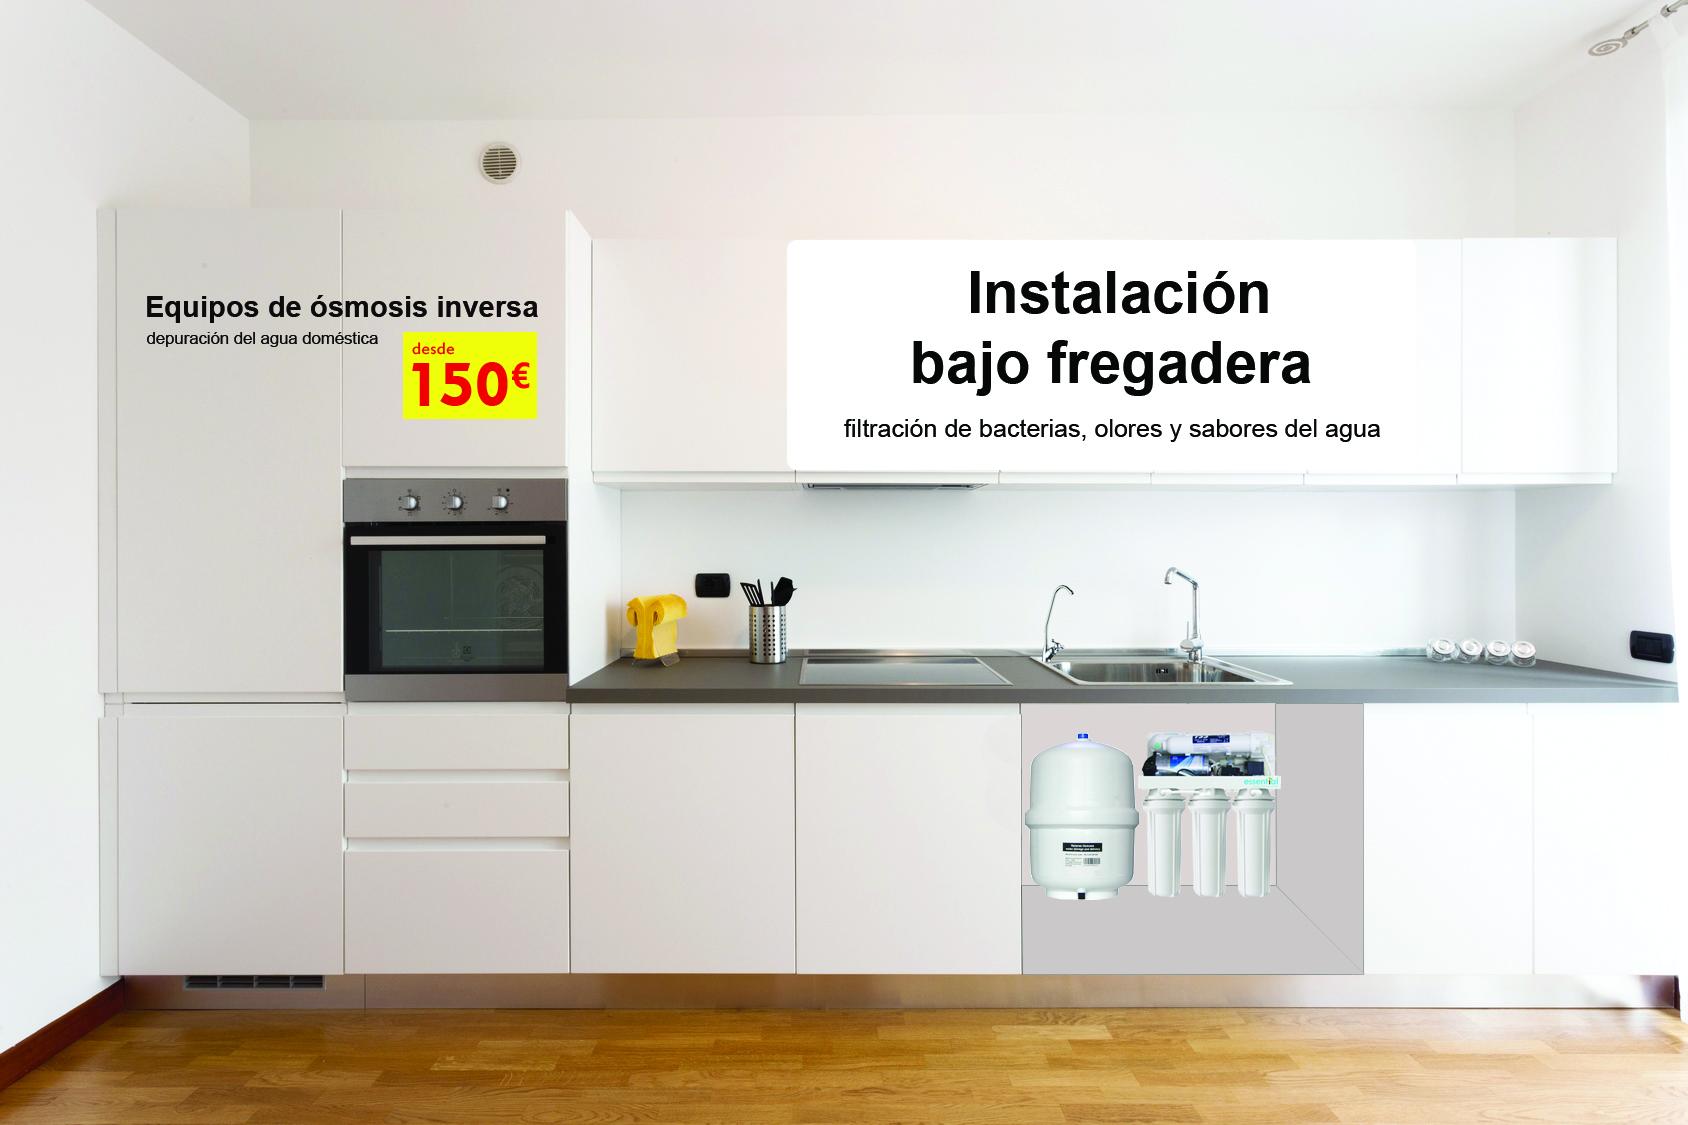 Tienda online filtros de agua y equipos osmosis inversa - Filtros osmosis inversa domestica ...